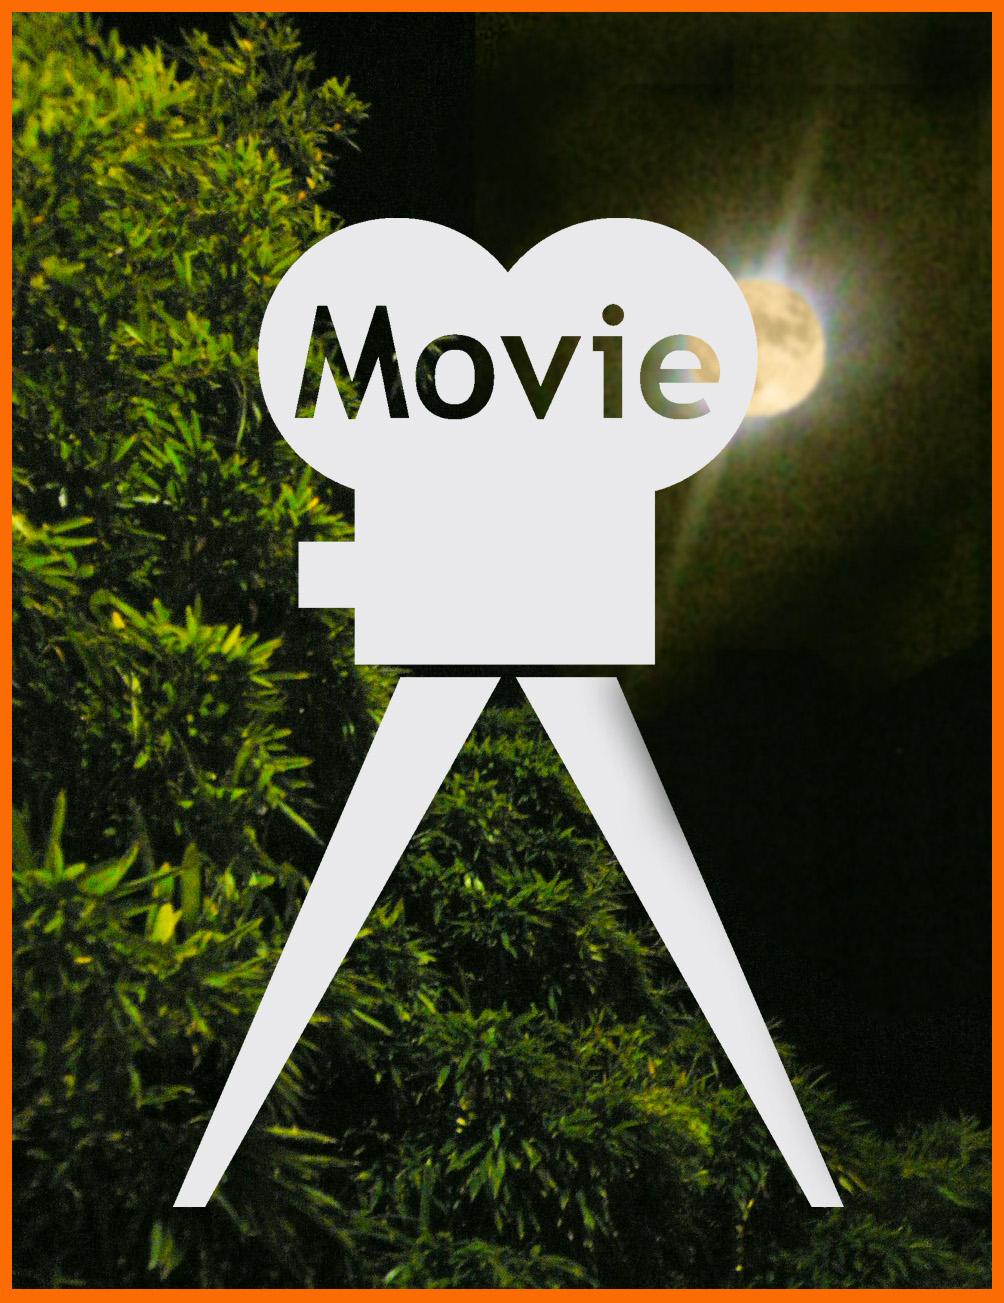 表参道イルミネーション散歩。ぼたんちゃんと静香ちゃん映画出演。_e0236072_1263822.jpg